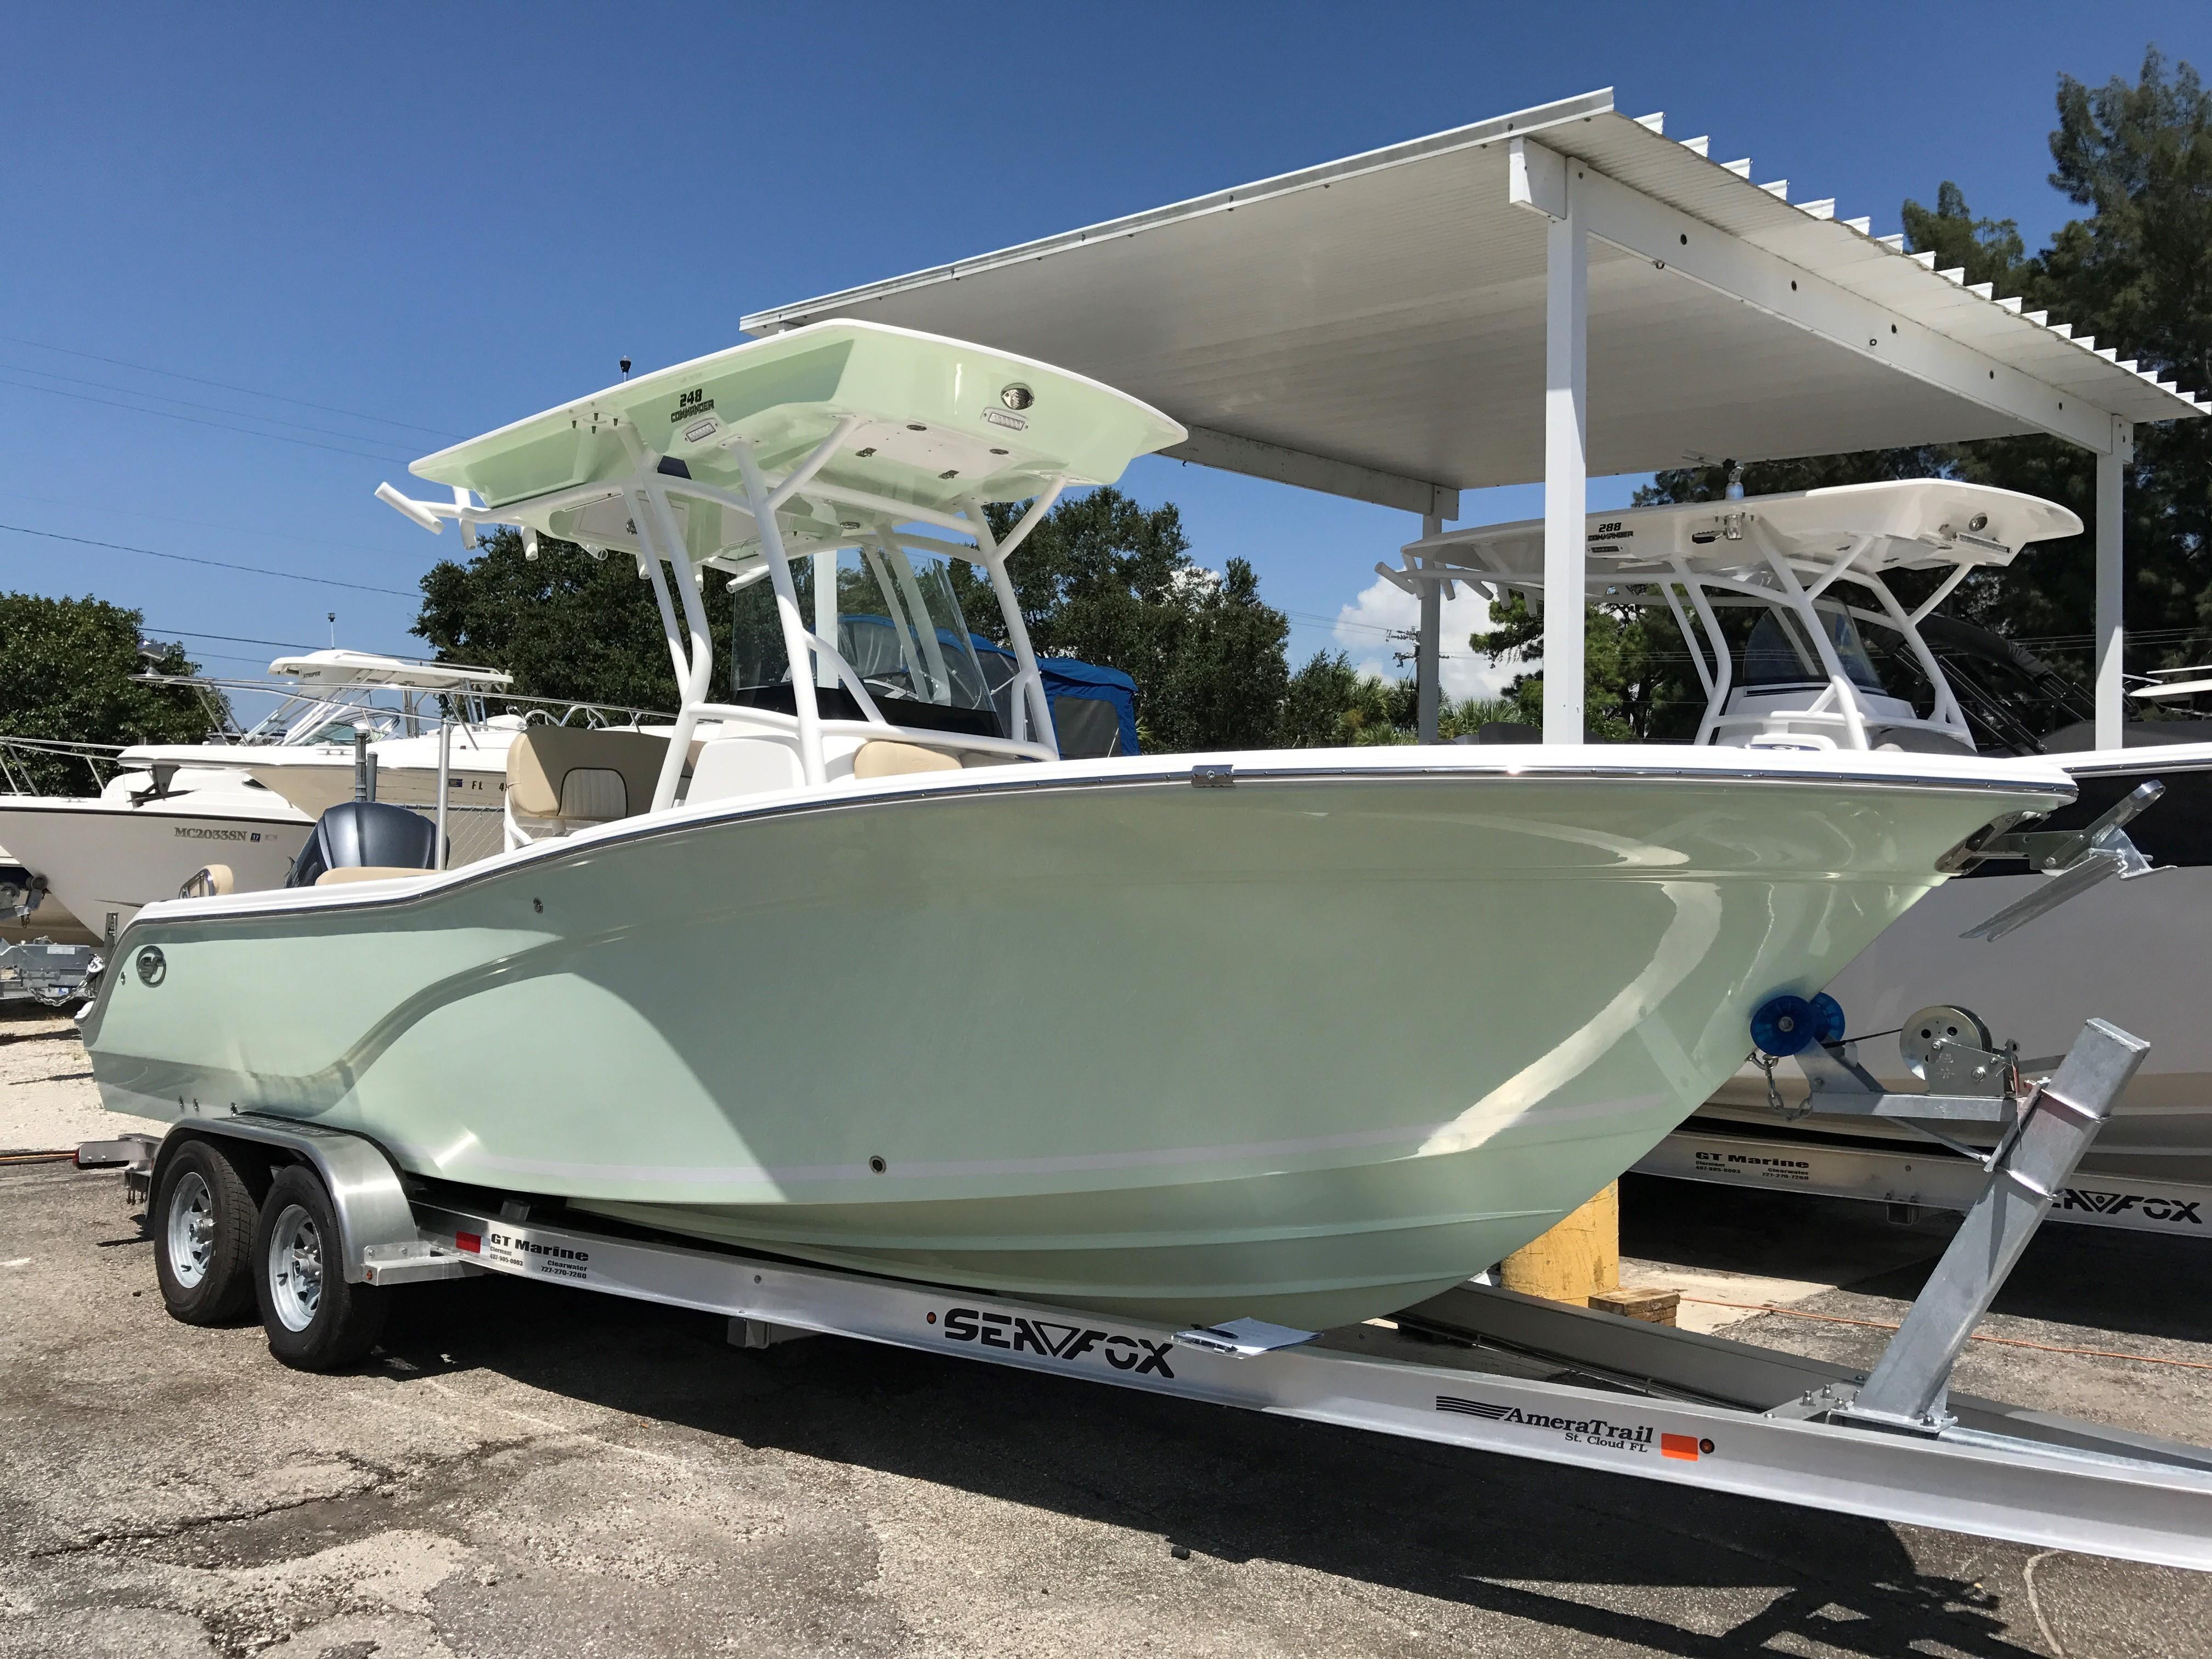 2018 Sea Fox 248 Commander Power Boat For Sale Www